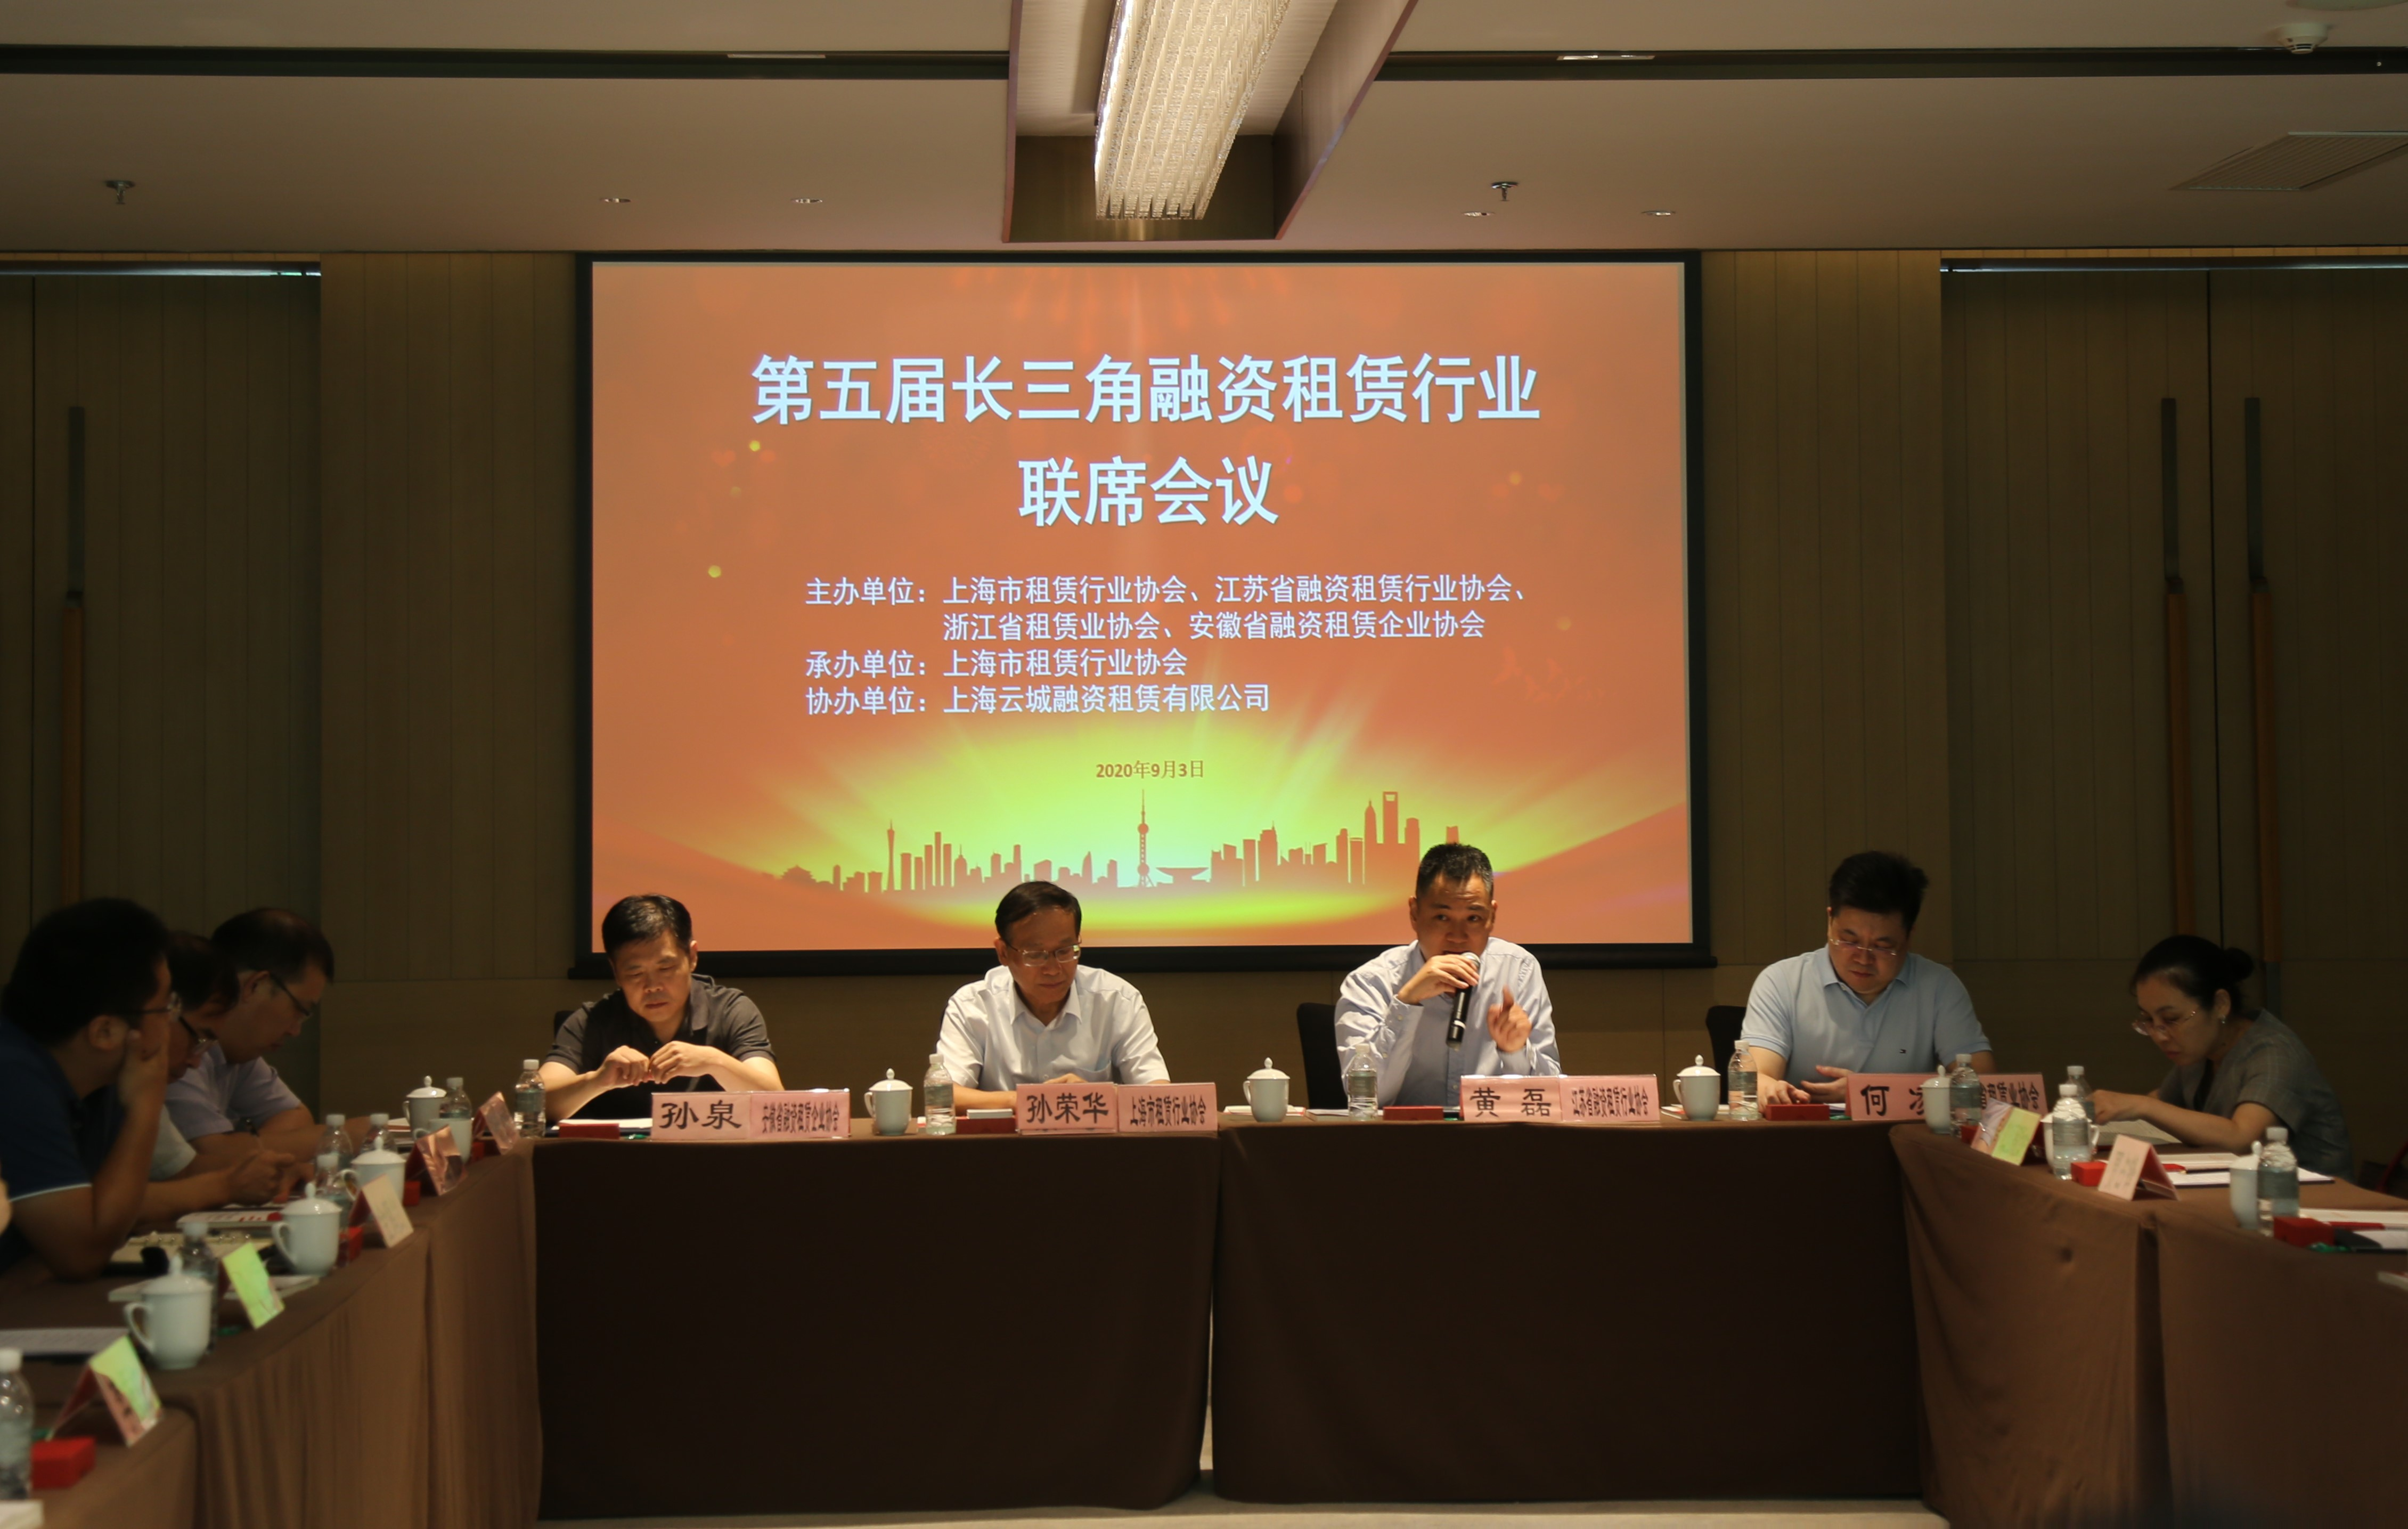 第五屆長三角融資租賃行業聯席會議在上海舉行